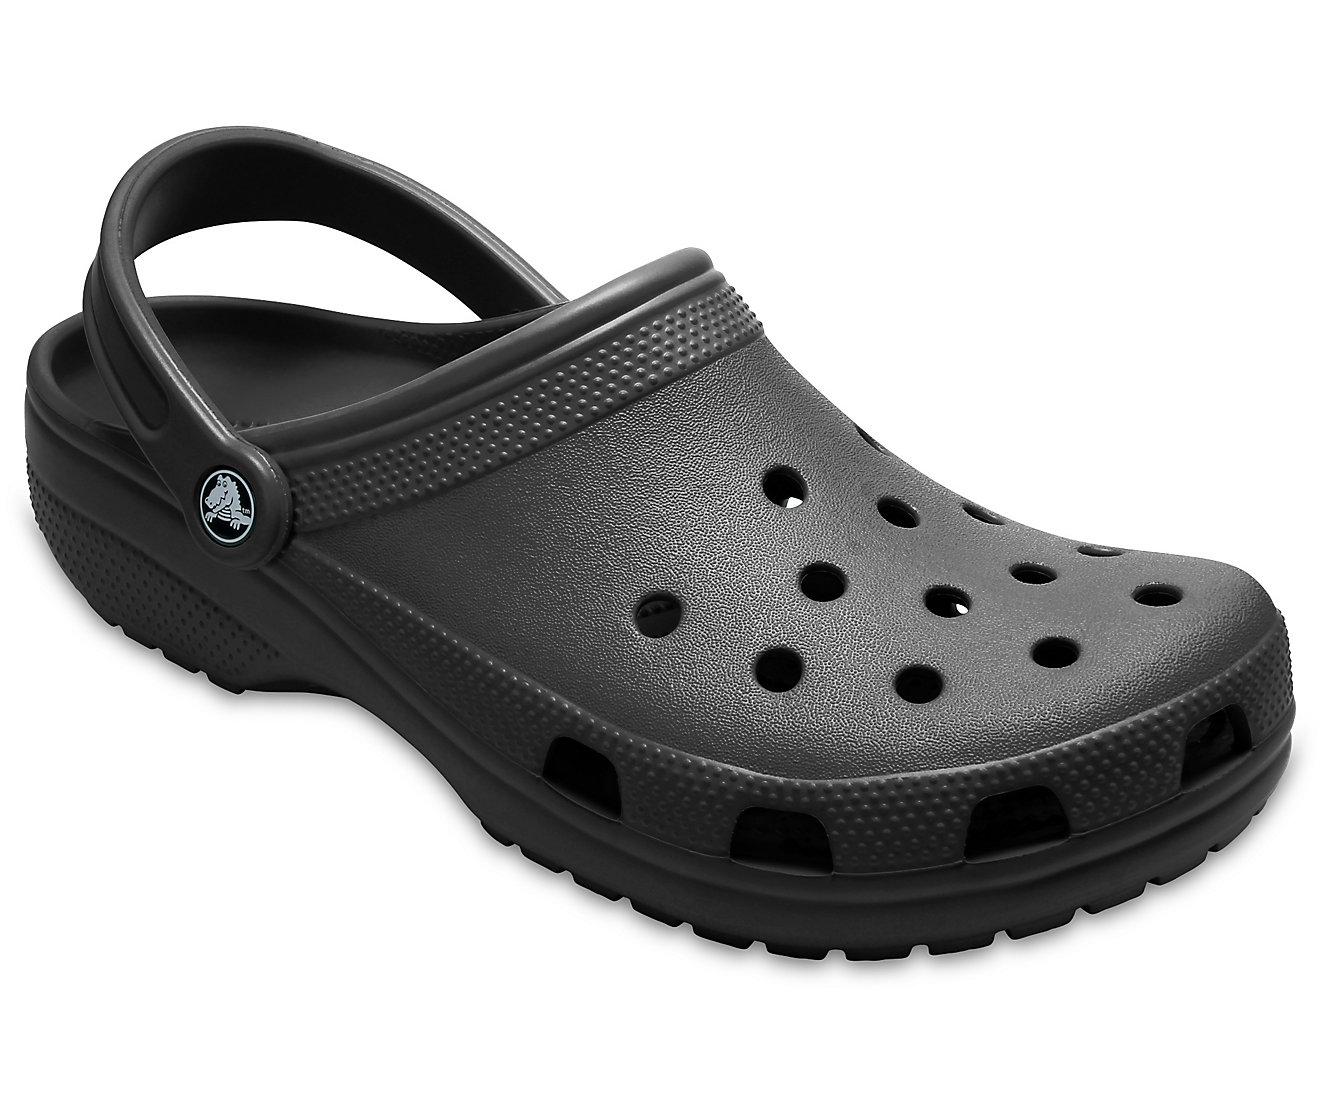 Sabot Crocs classique pour homme 10001 noir